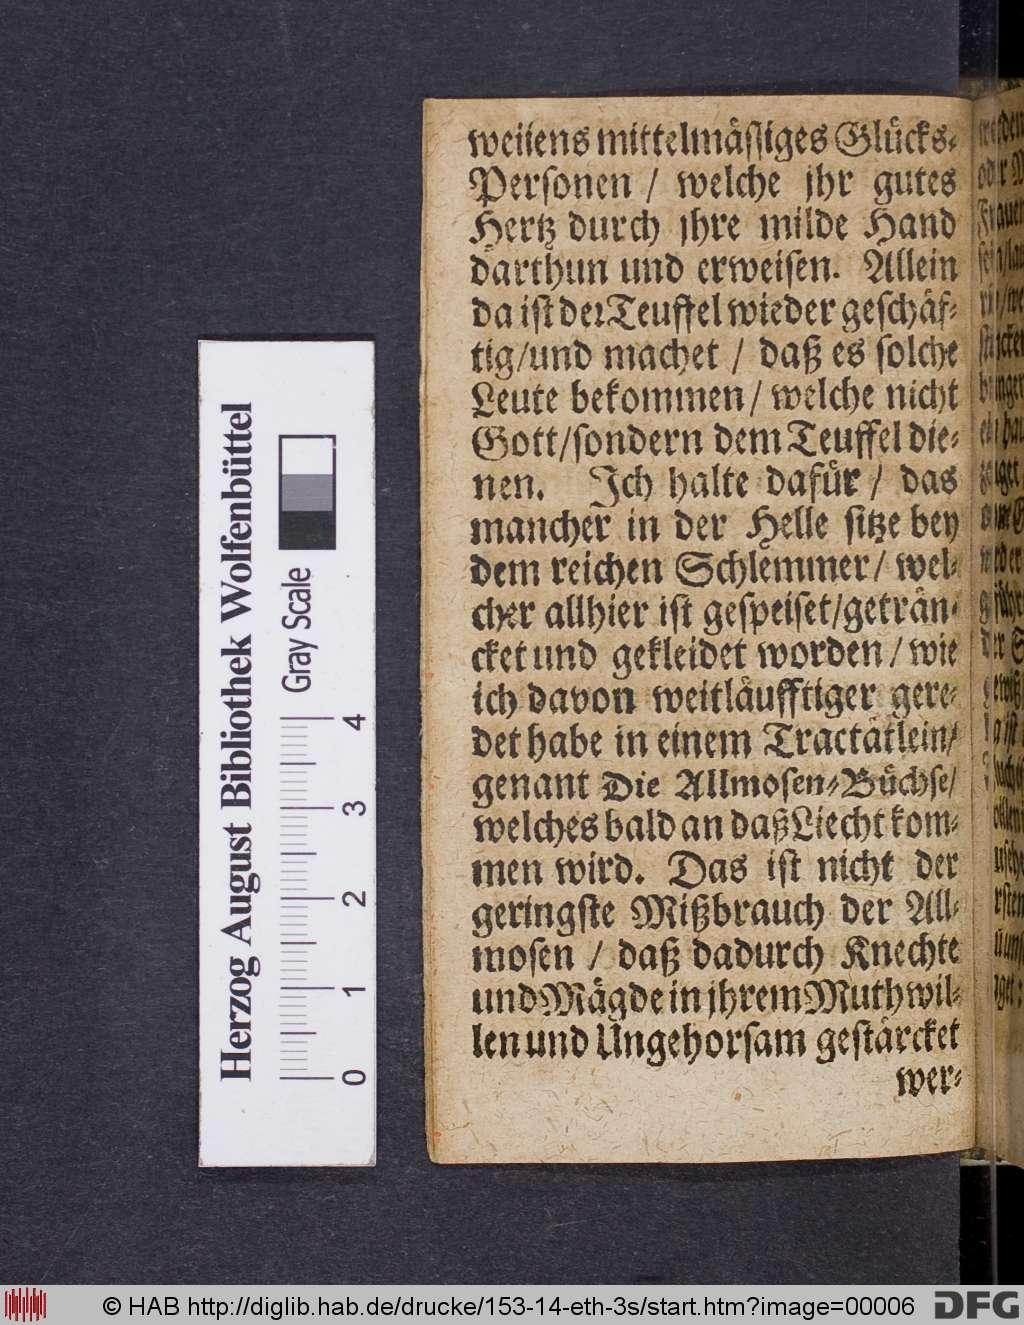 http://diglib.hab.de/drucke/153-14-eth-3s/00006.jpg